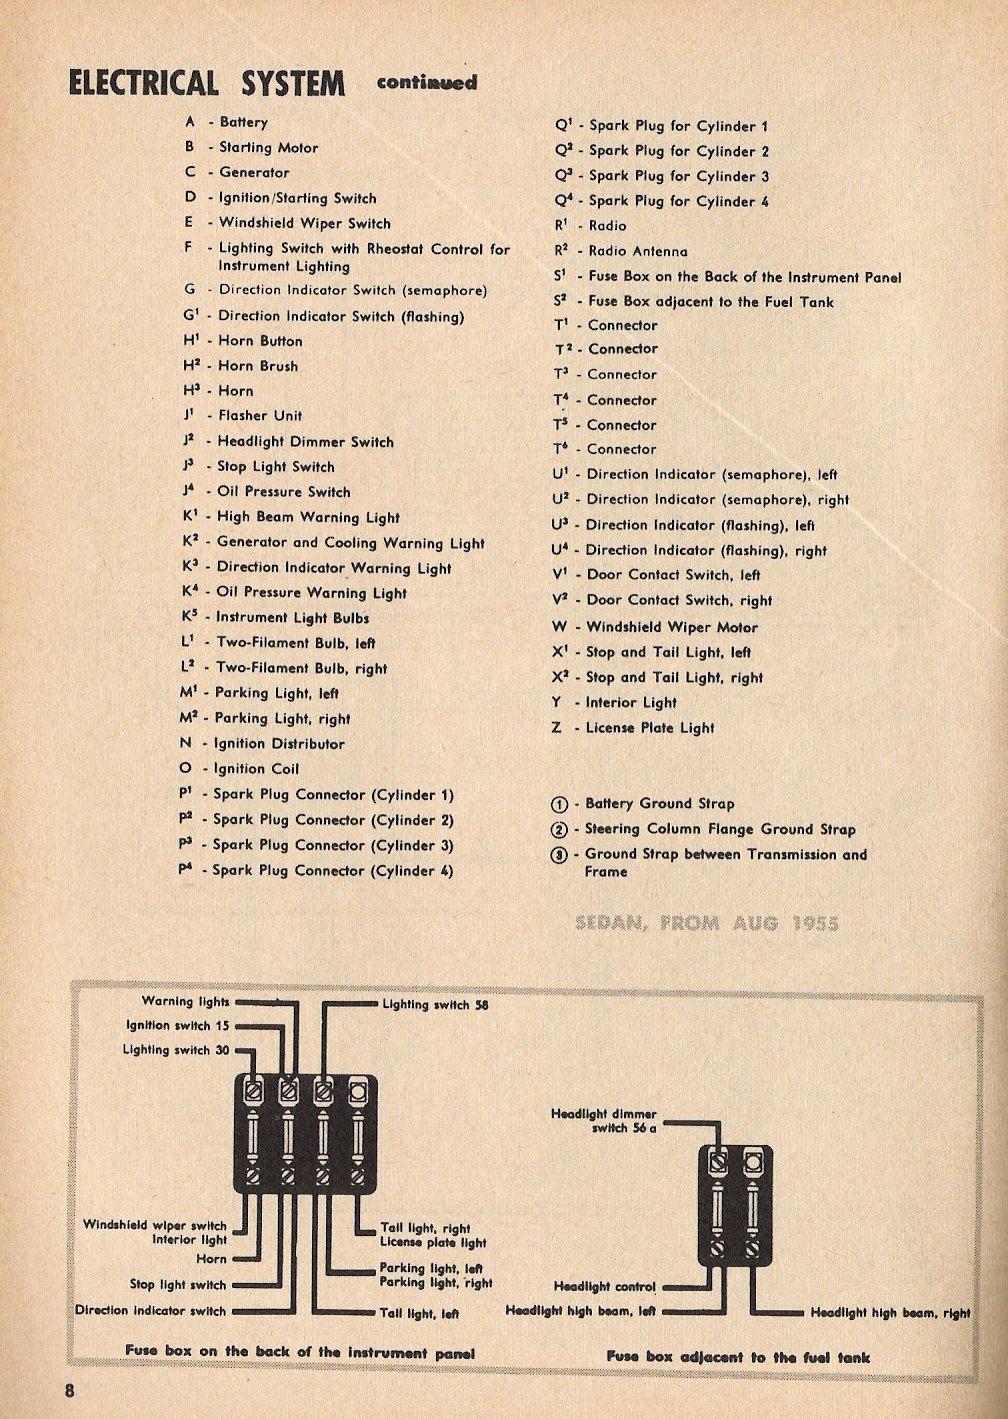 VW Beetle Wiring Diagram on 1973 Vw Beetle Fuse Box